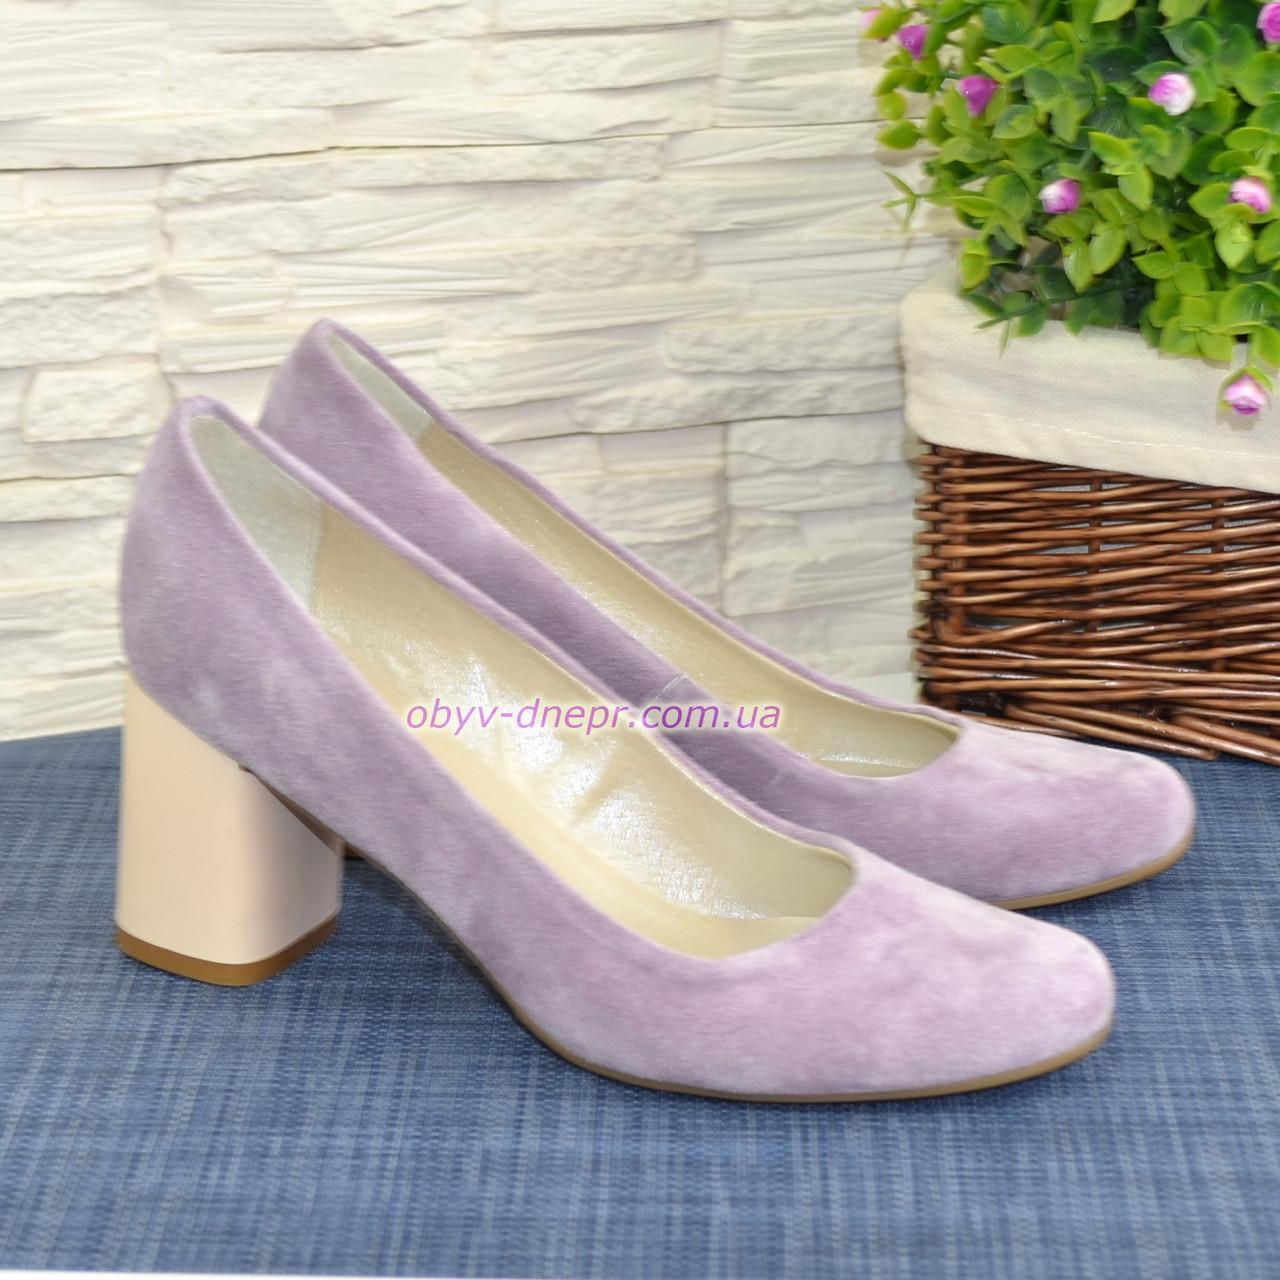 3d780ef9b Женские туфли на устойчивом каблуке, из натуральной замши лилового цвета. 38  размер